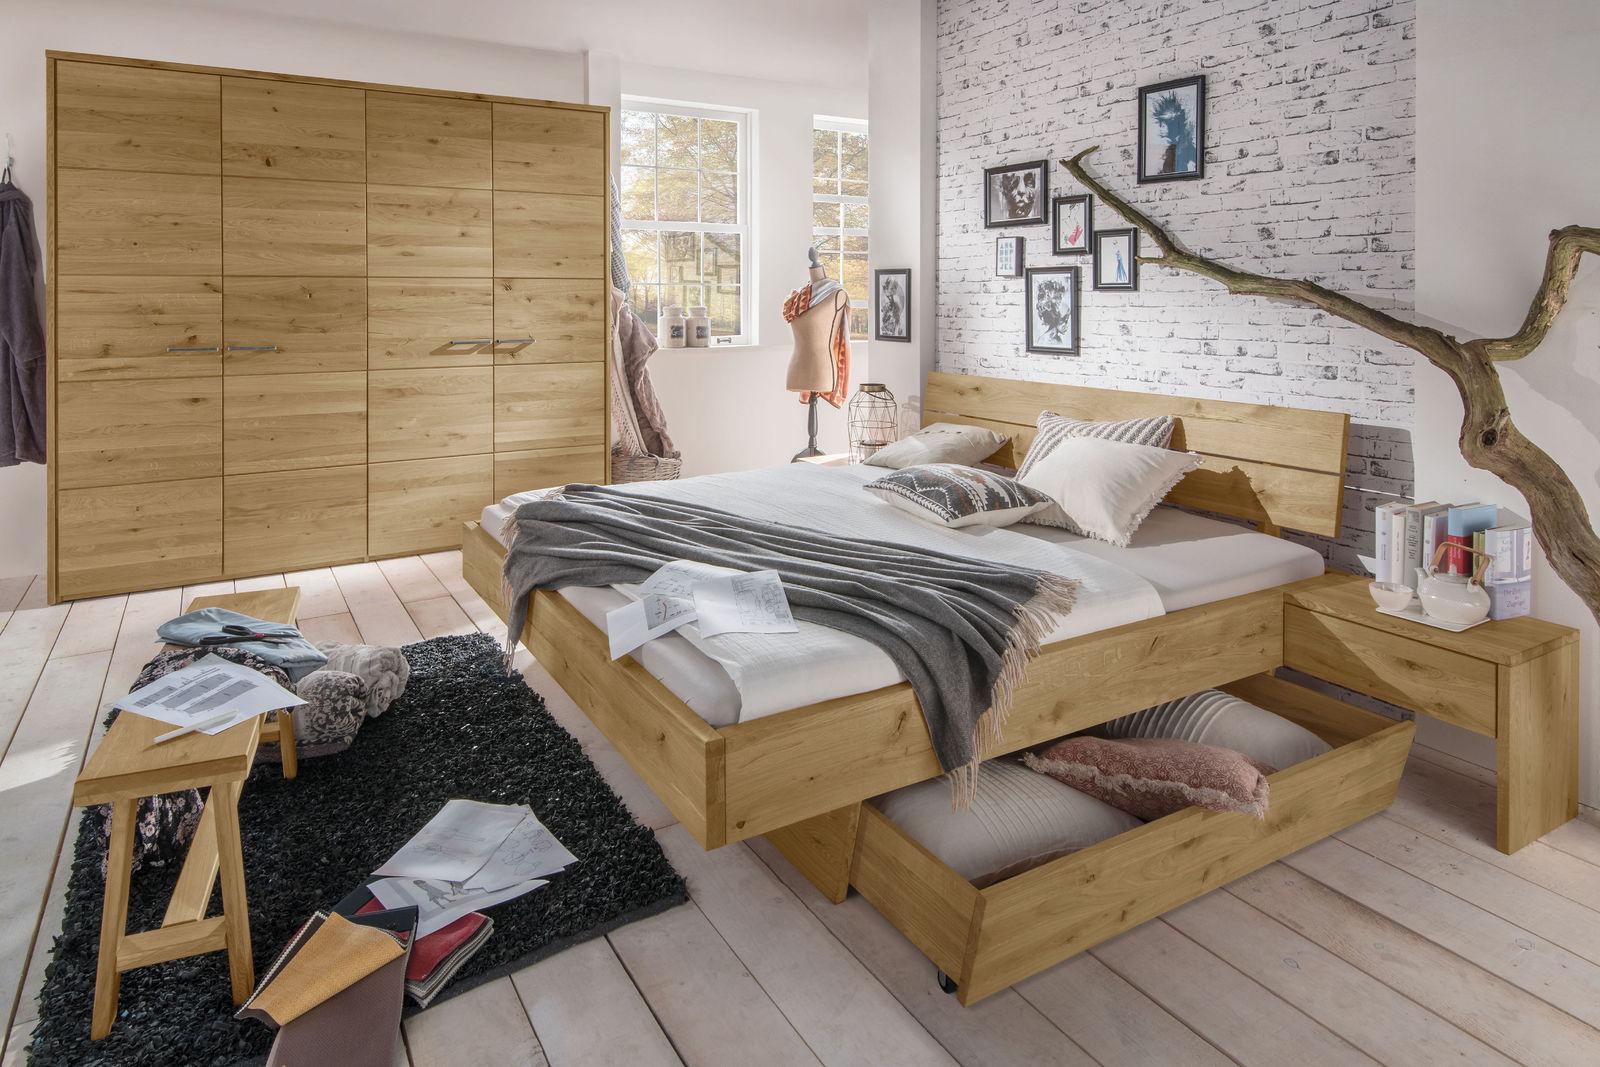 Full Size of Luxus Schlafzimmer Komplett Im Set Kaufen Bei Bettende Kommode Günstige Mit überbau Deckenleuchte Teppich Komplette Schrank Deckenlampe Wandlampe Klimagerät Schlafzimmer Luxus Schlafzimmer